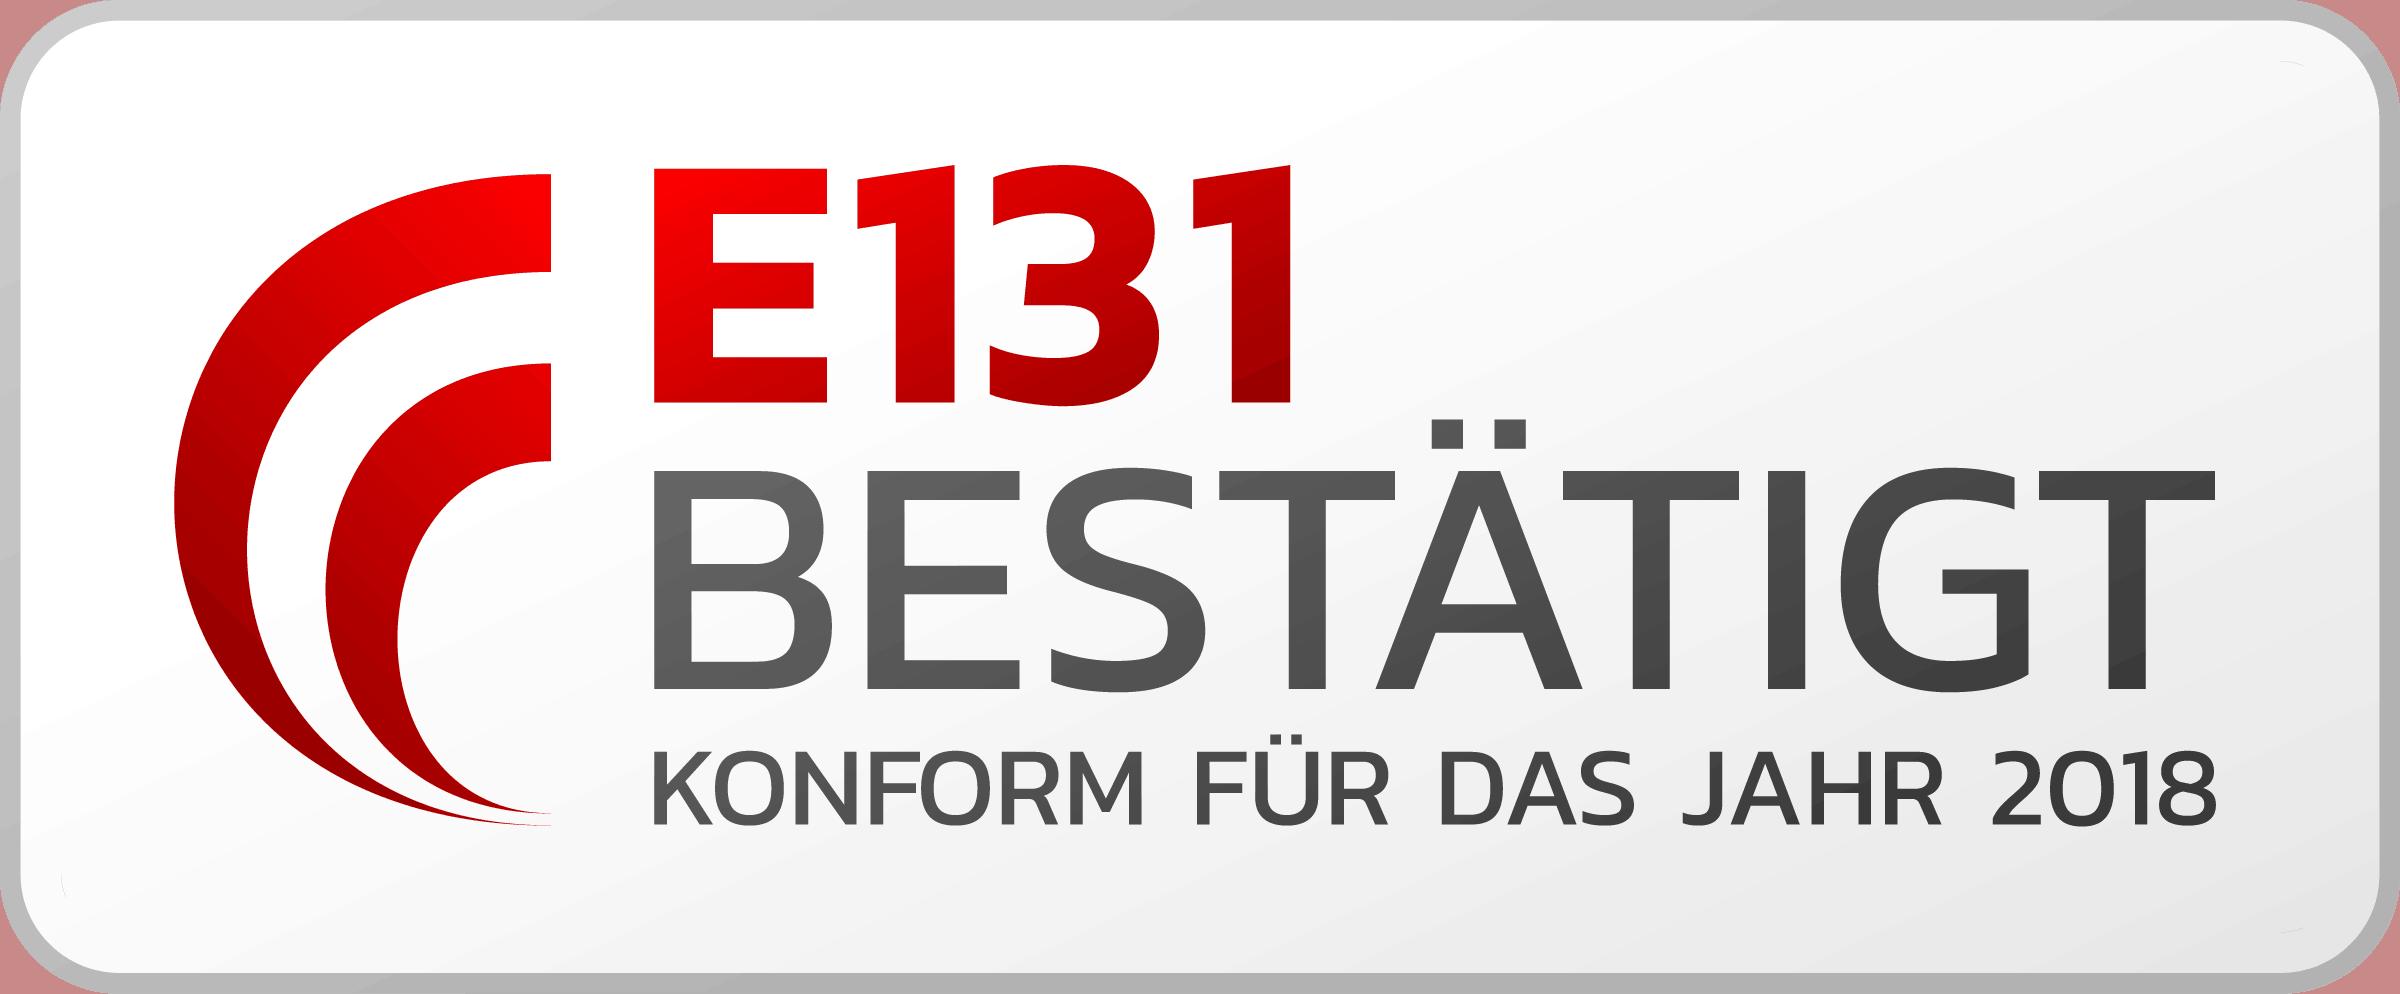 E131-Konformität